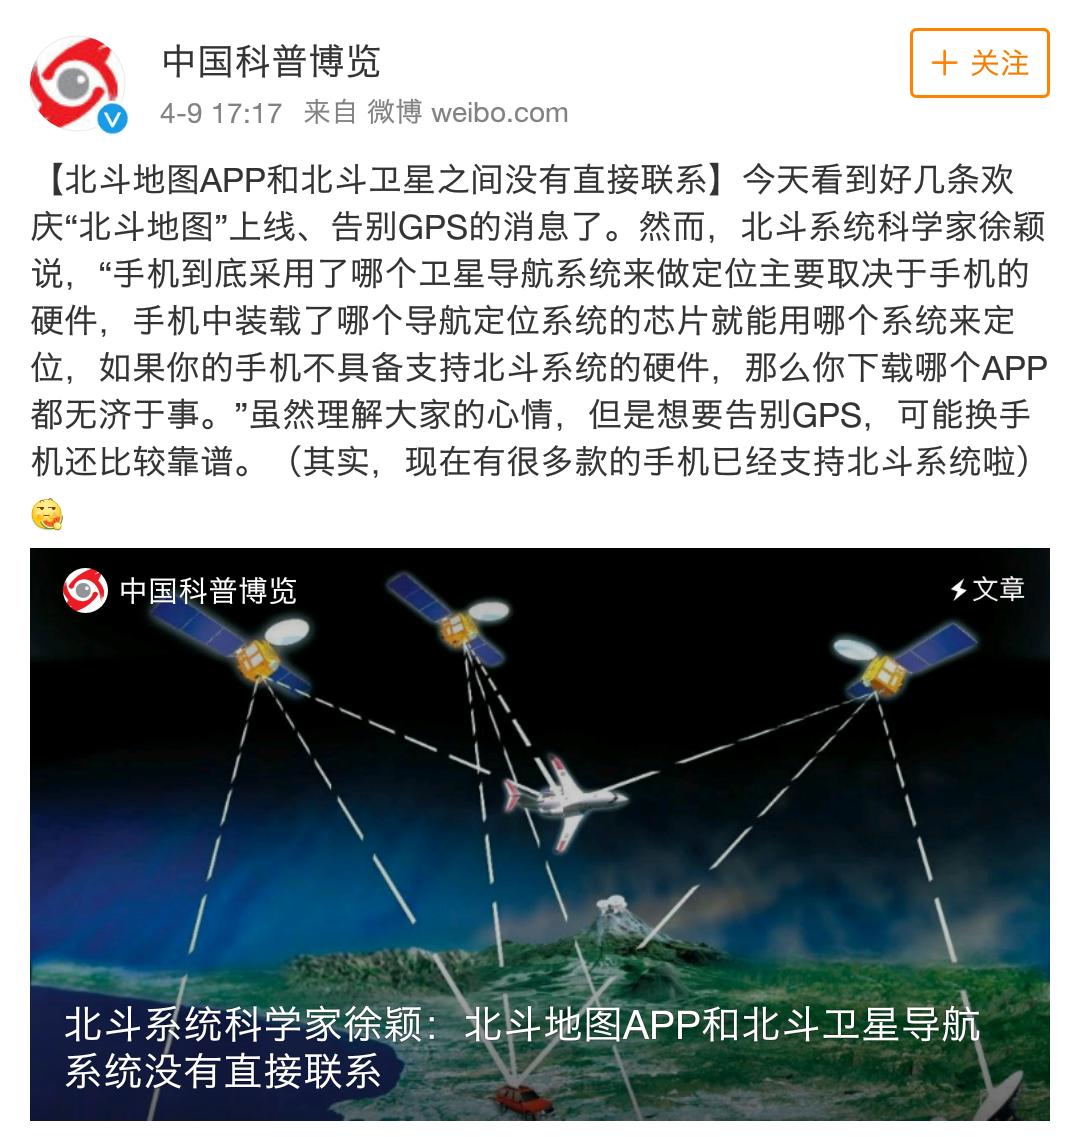 Screenshot_2018-04-11-14-54-28-238_微博.png